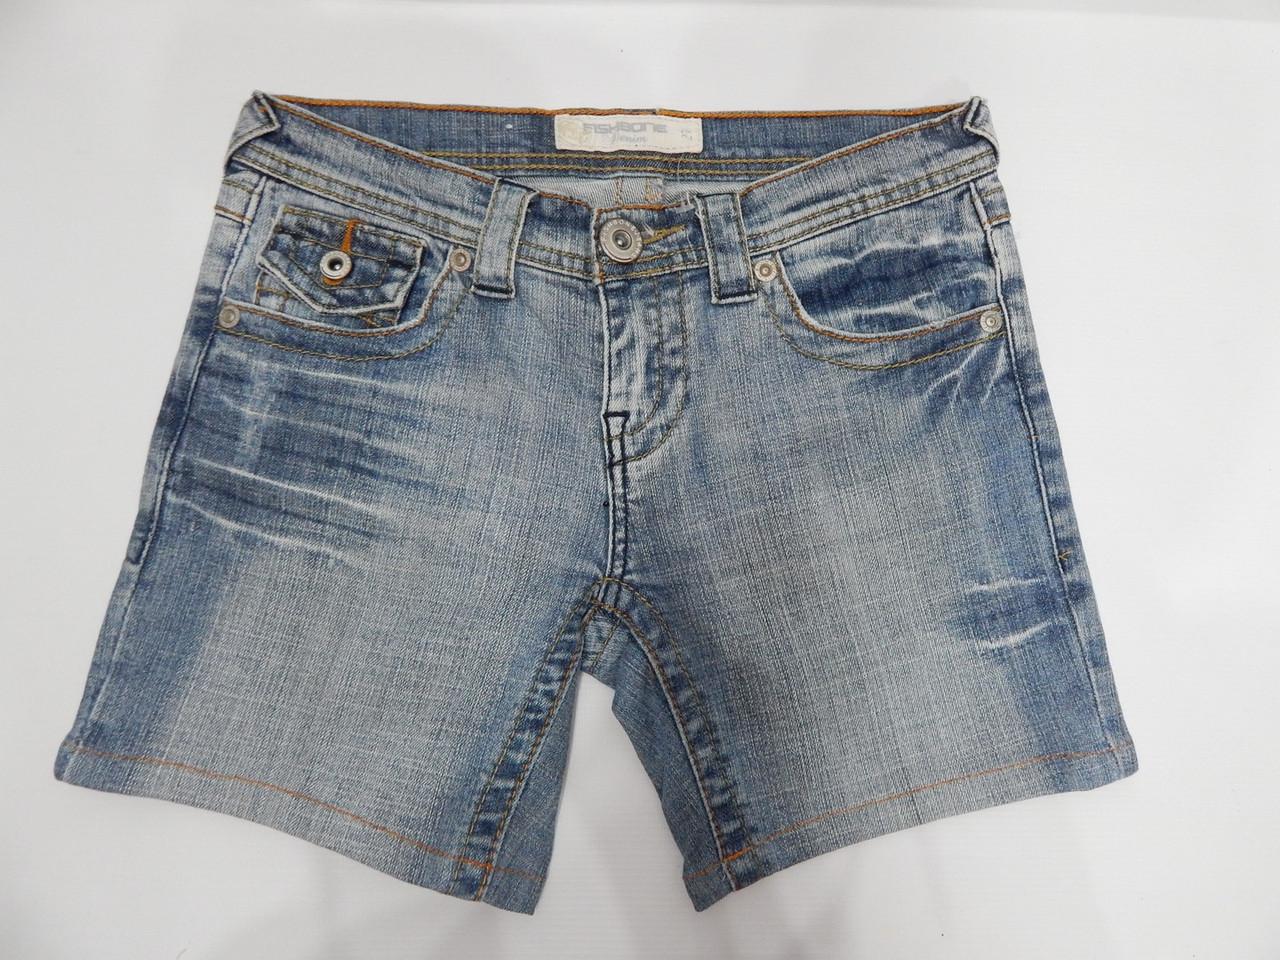 Шорты джинсовые женские FISHBONE, 40-42 RUS, 34 EUR,  100GW